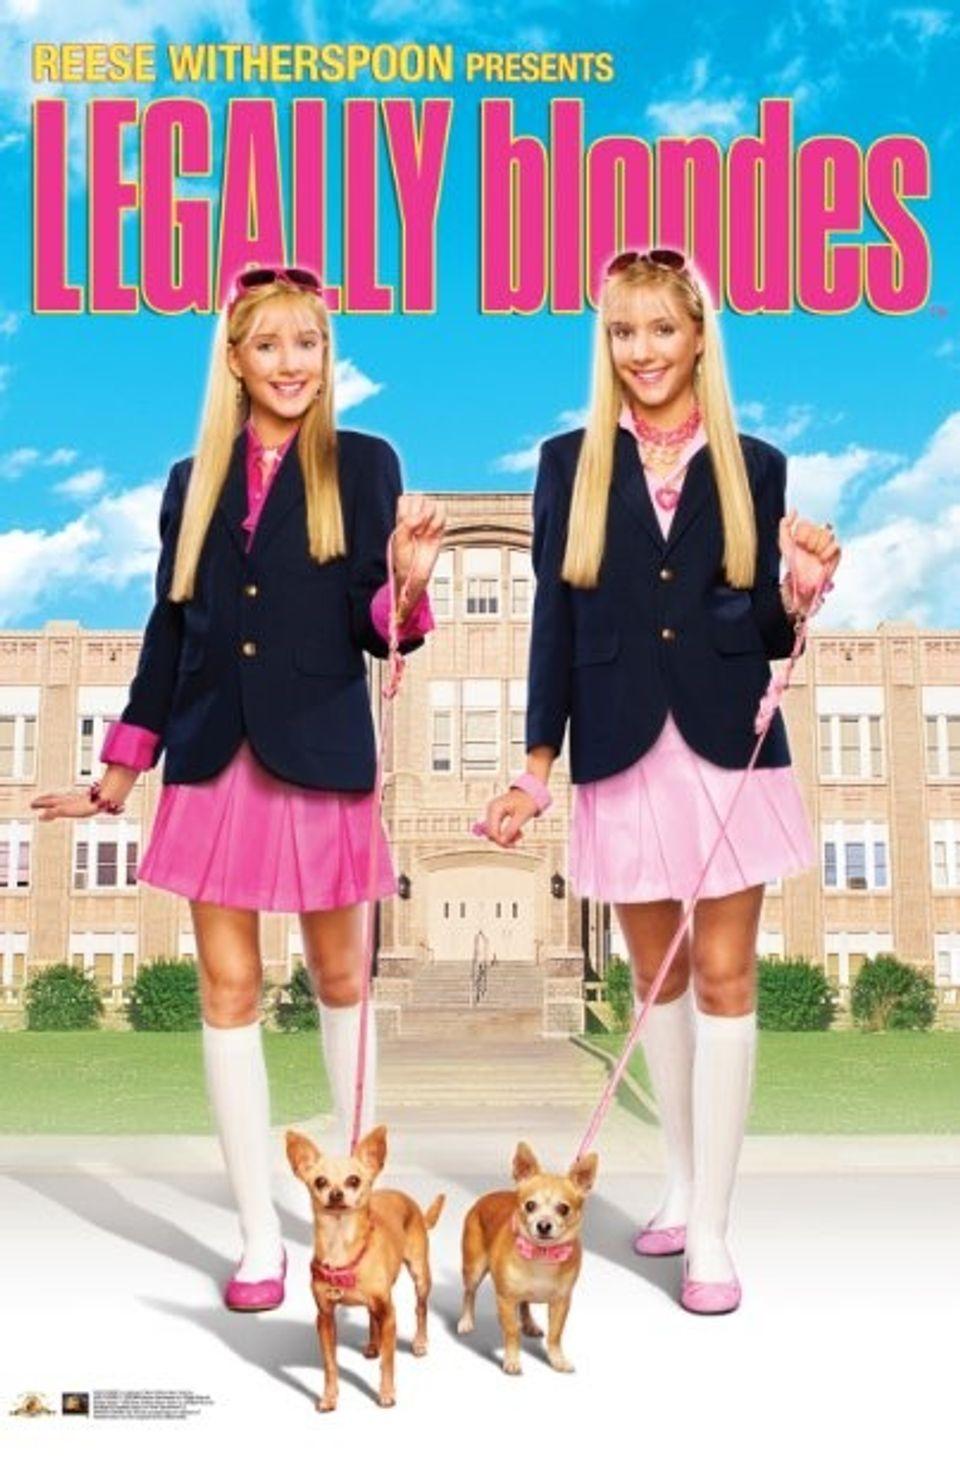 """ภ.ฝรั่ง """"ลีกัลลี่ บลอนด์ 3 สาวบลอนด์ค่ะ ดี๊ด๊าคูณสอง""""(LEGALLY  BLONDES)"""